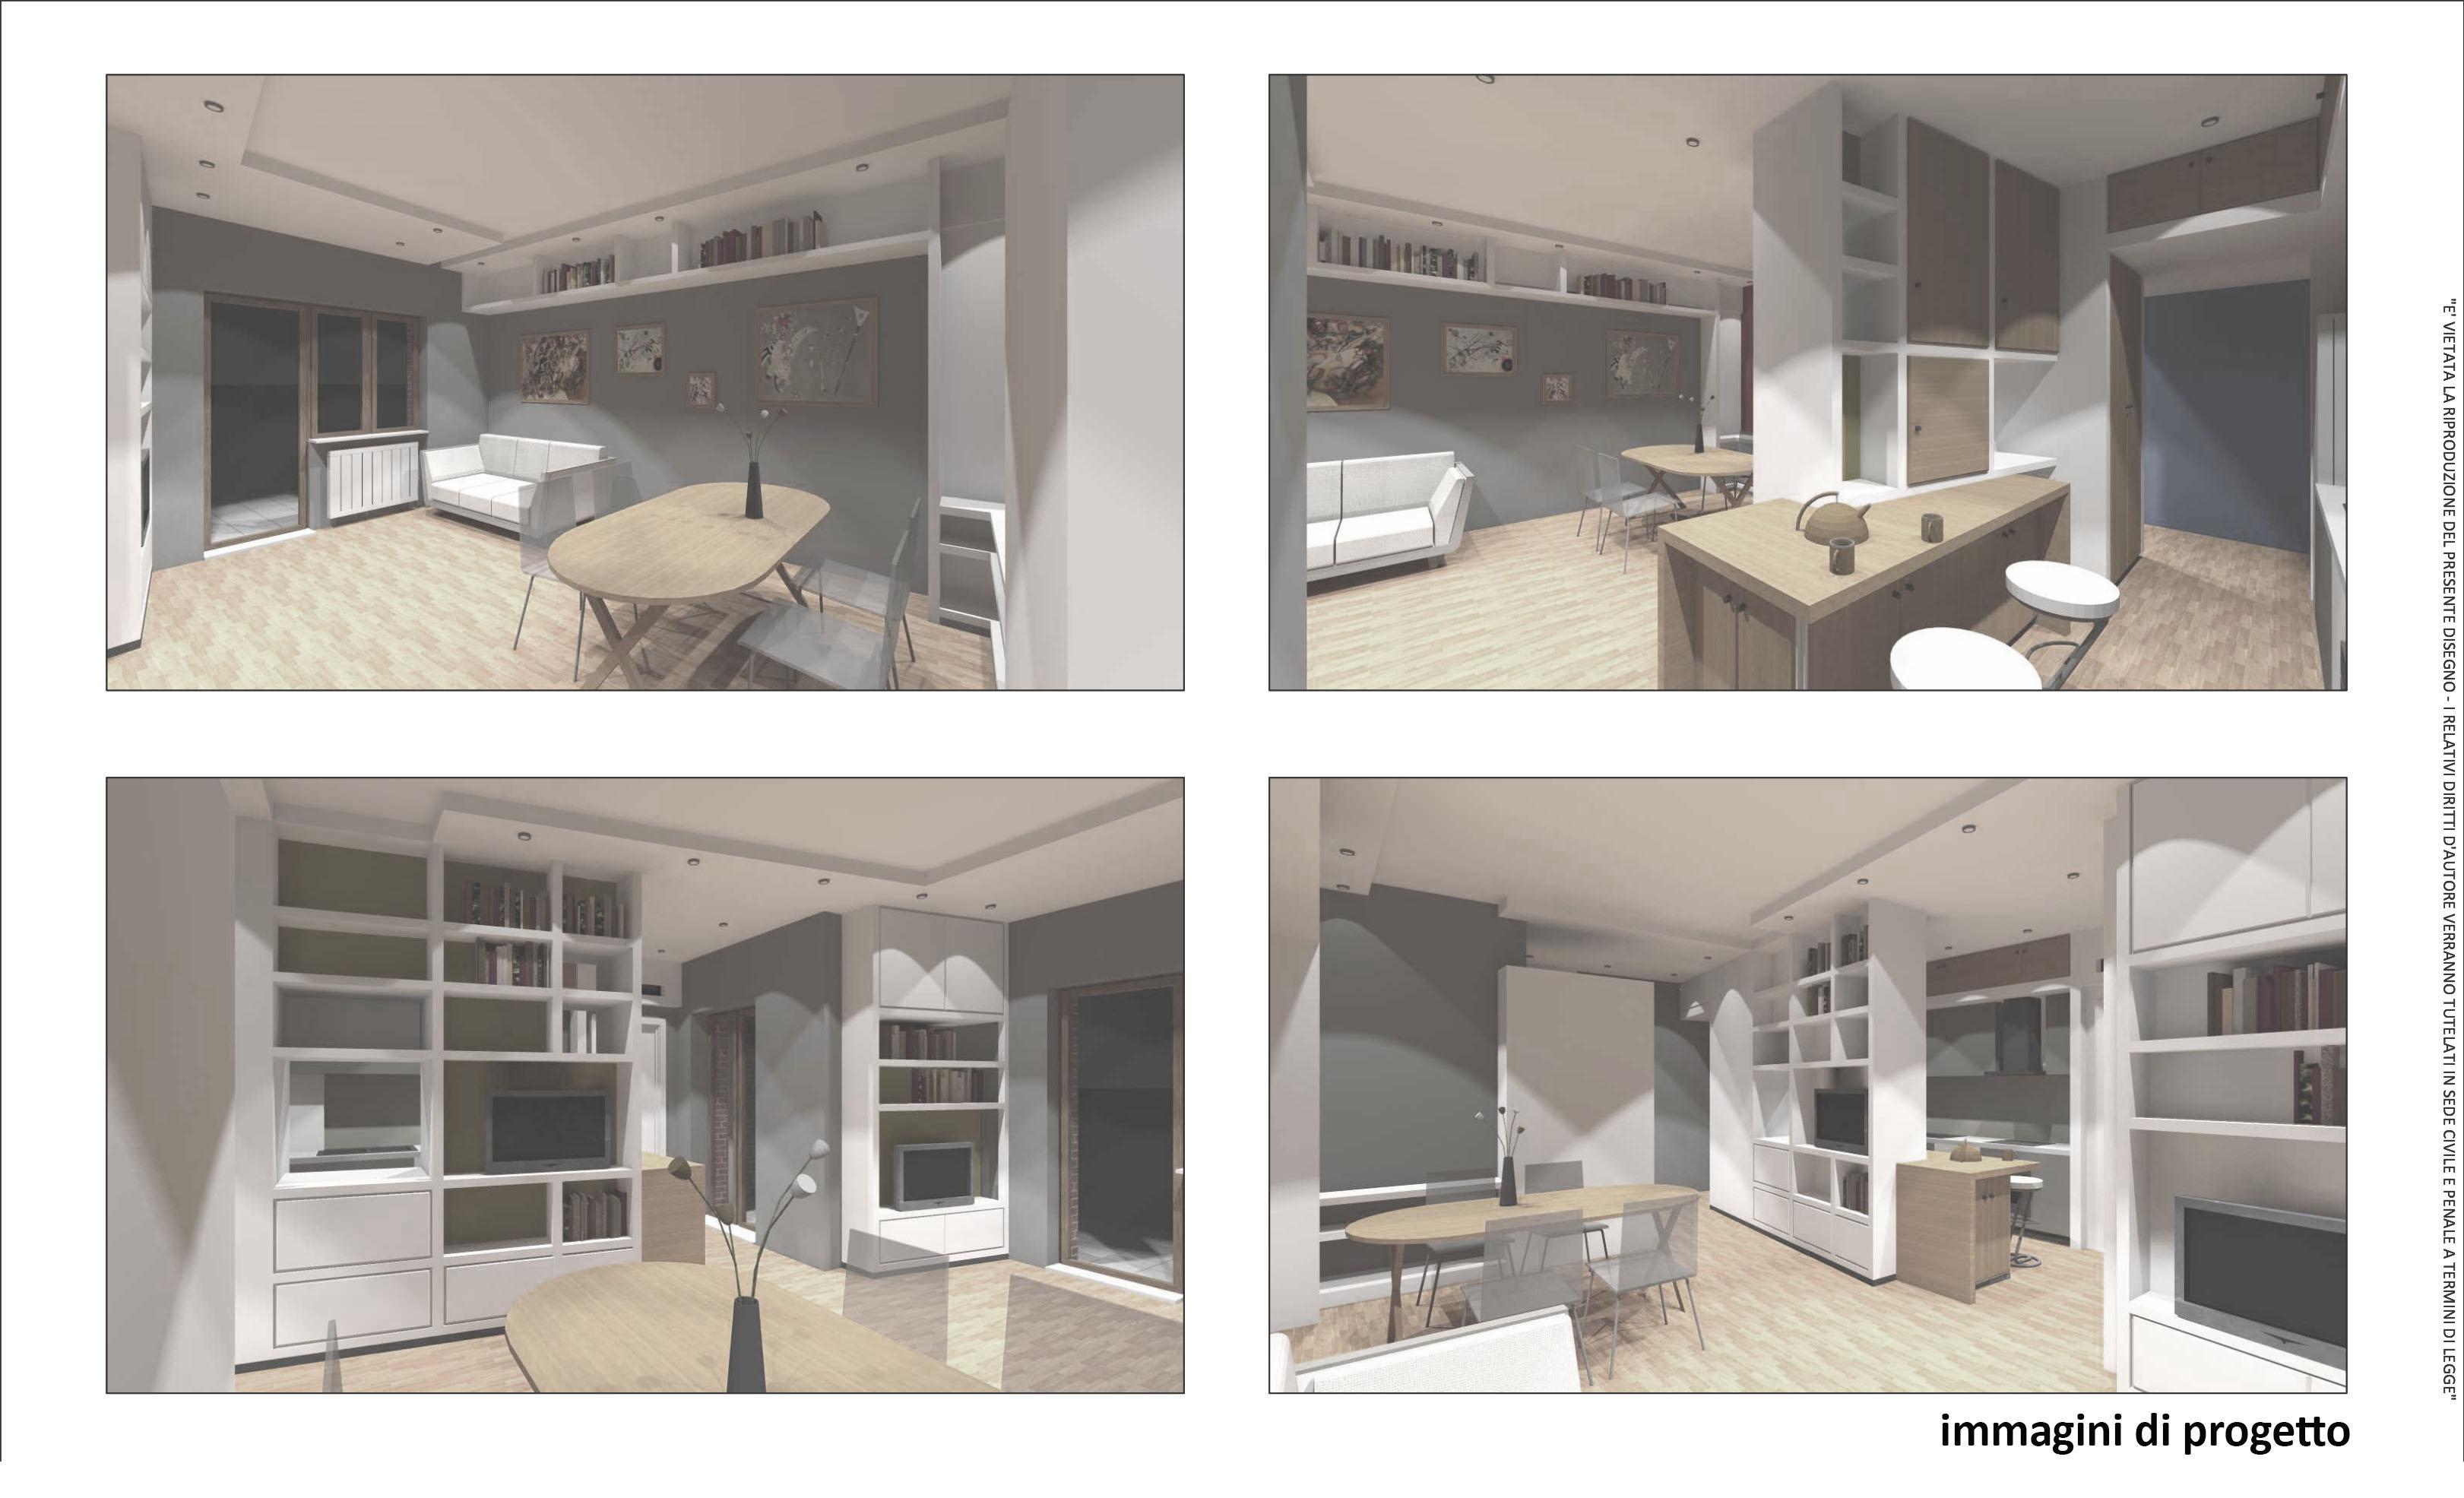 immagini di progetto